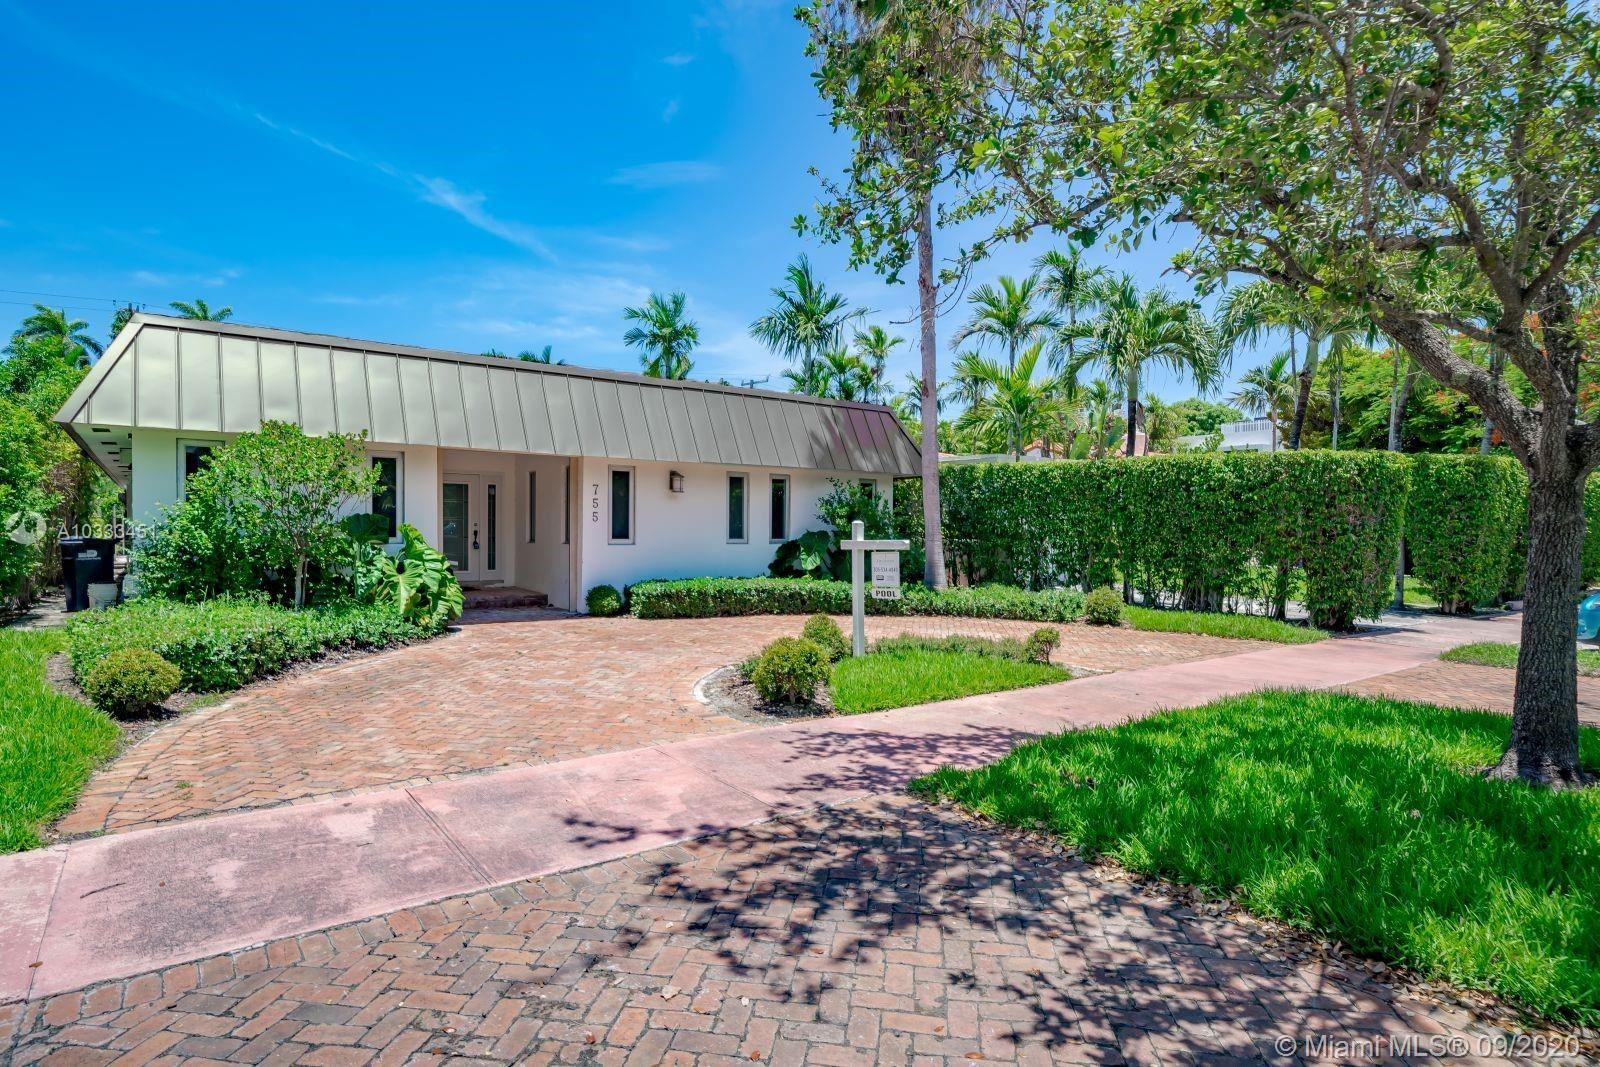 755 Lakeview Dr, Miami Beach, FL 33140 - #: A10333451